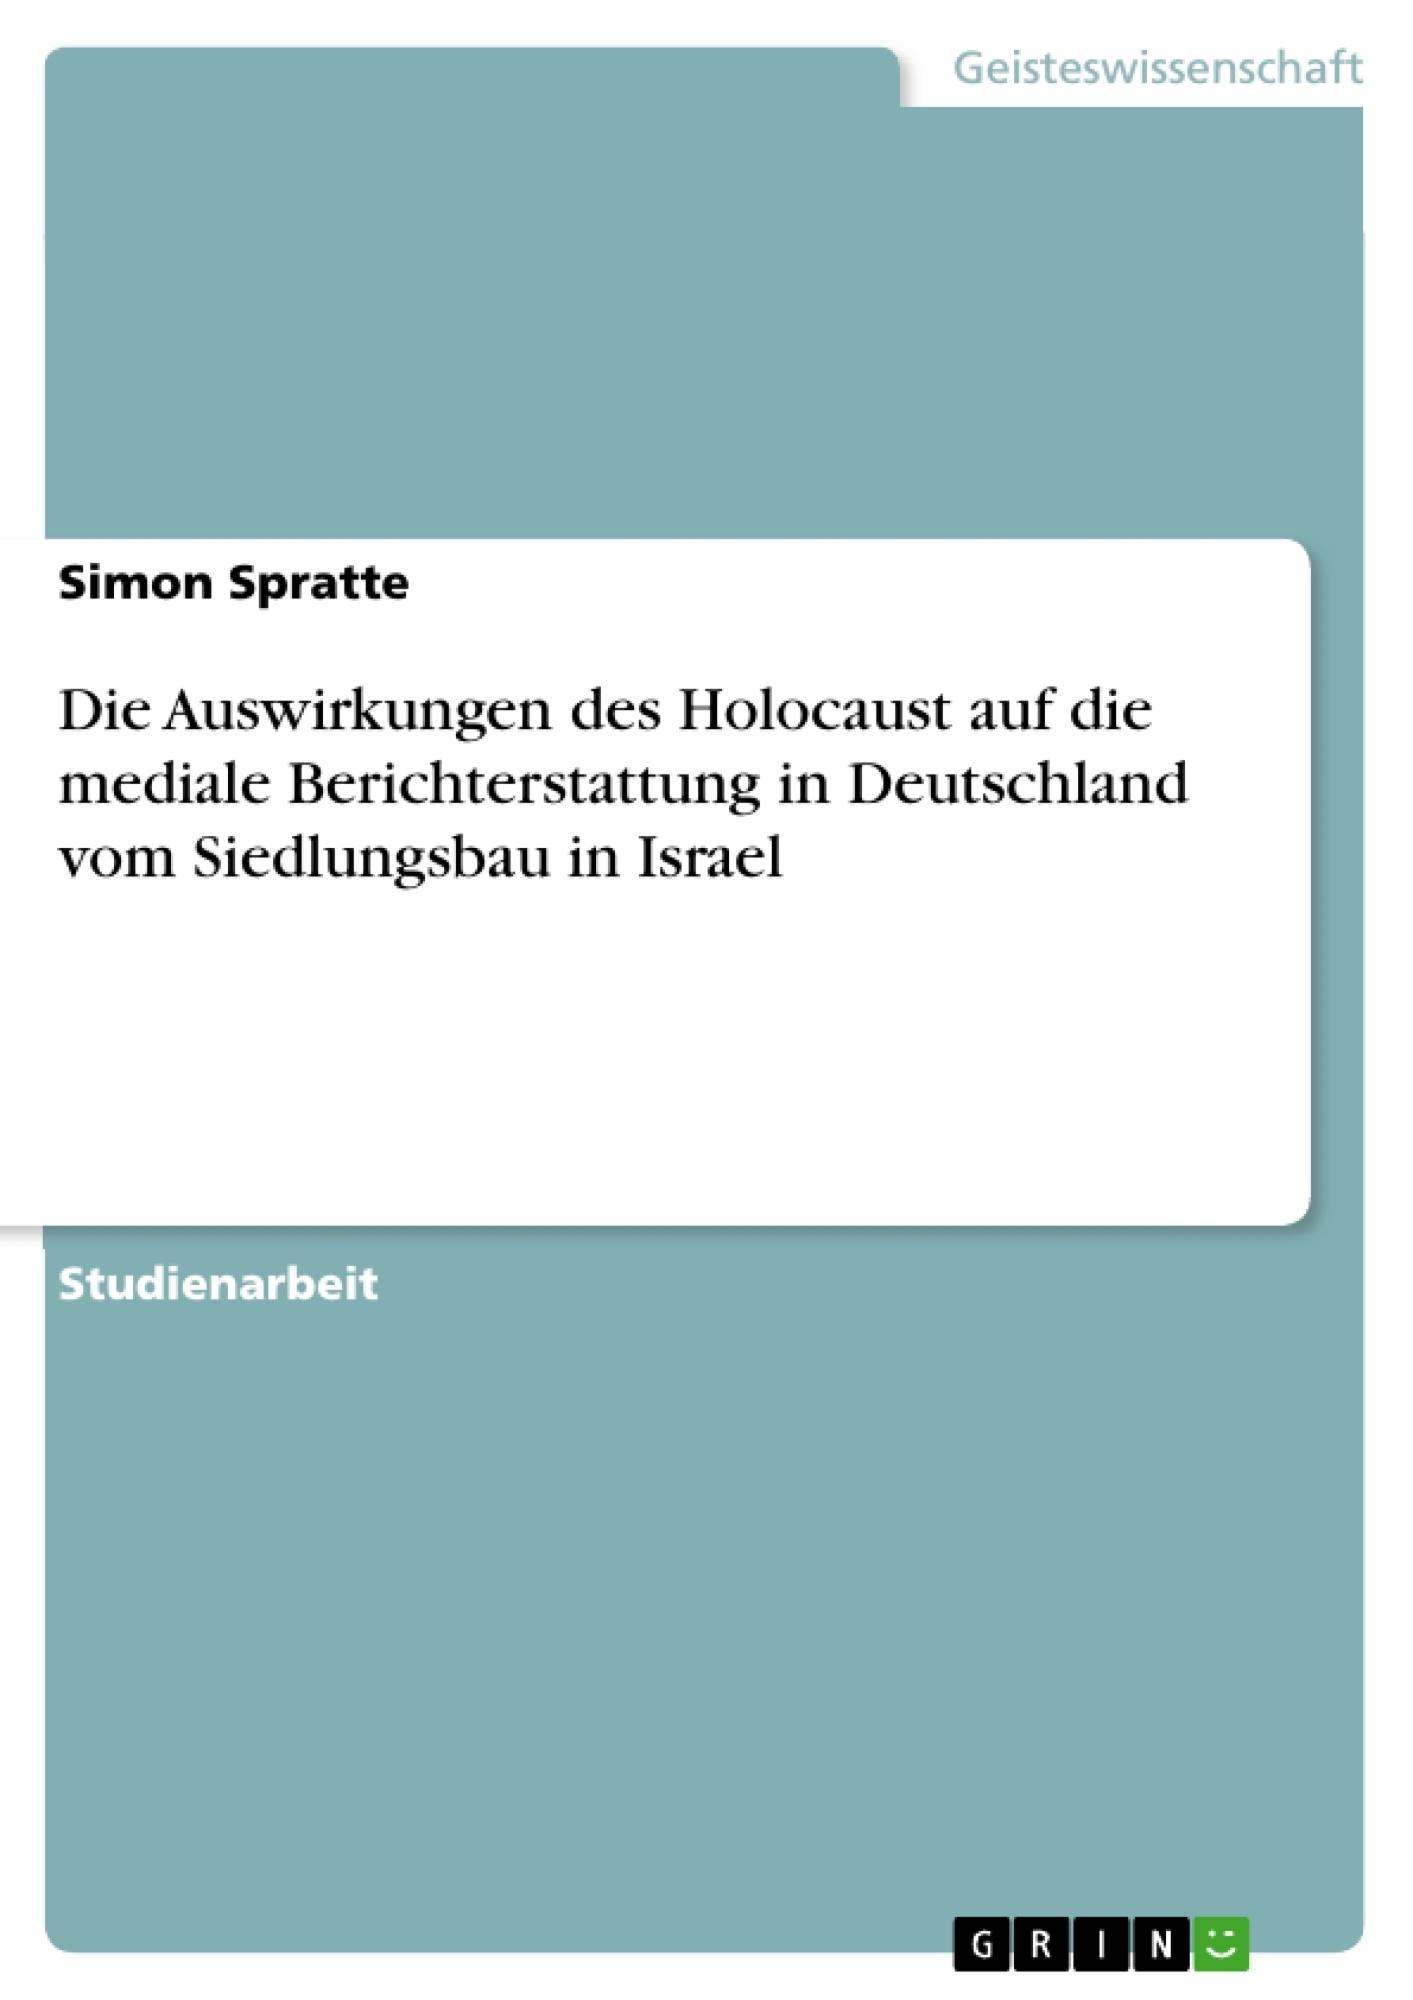 Titel: Die Auswirkungen des Holocaust auf die mediale Berichterstattung in Deutschland vom Siedlungsbau in Israel